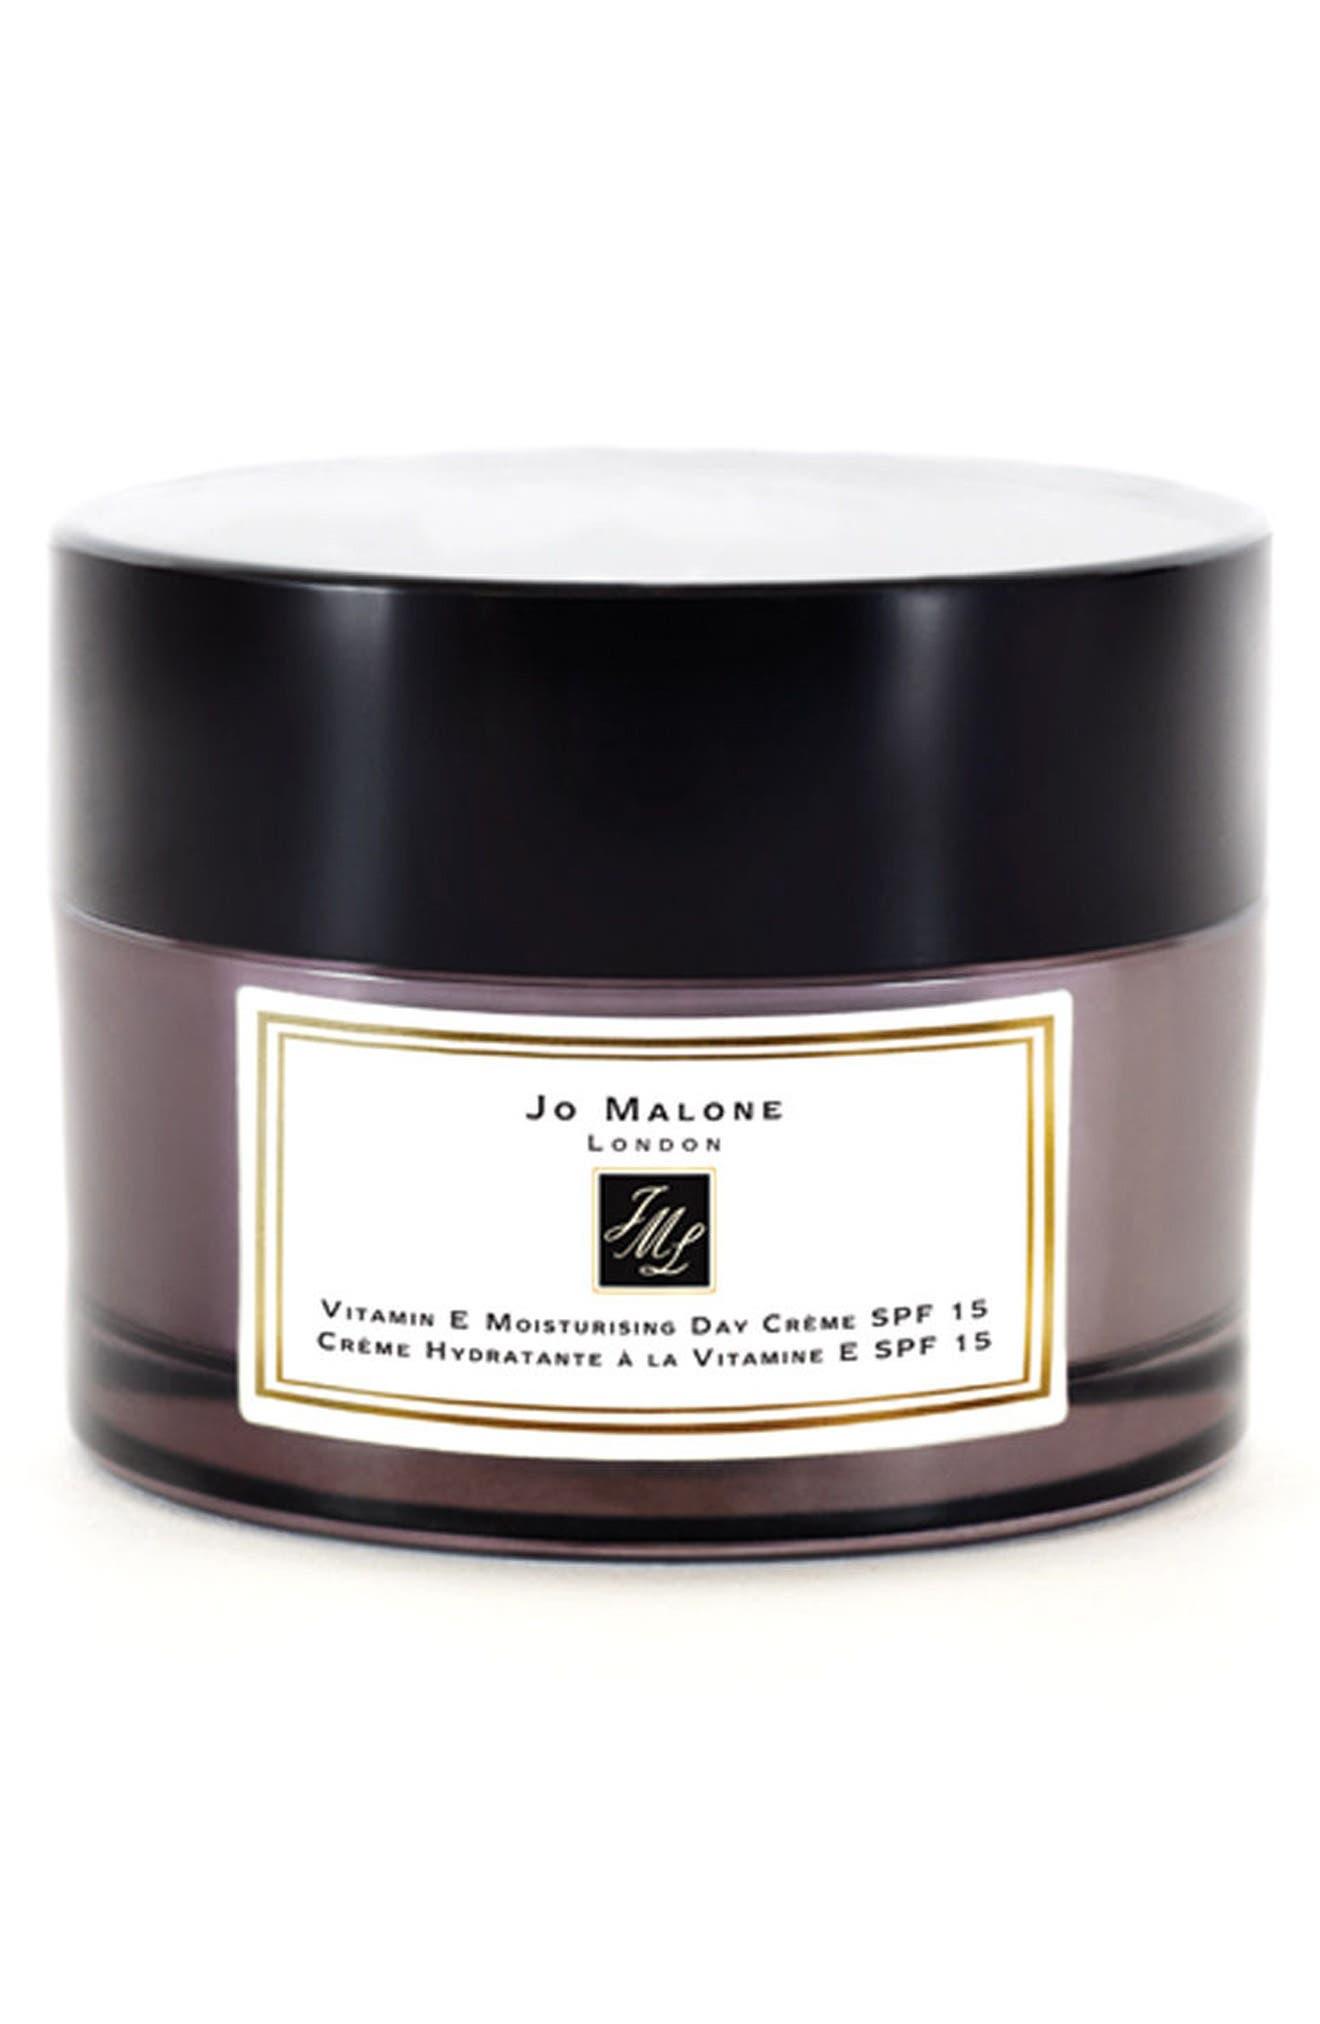 Jo Malone London™ Vitamin E Moisturizing Day Crème Broad Spectrum SPF 15